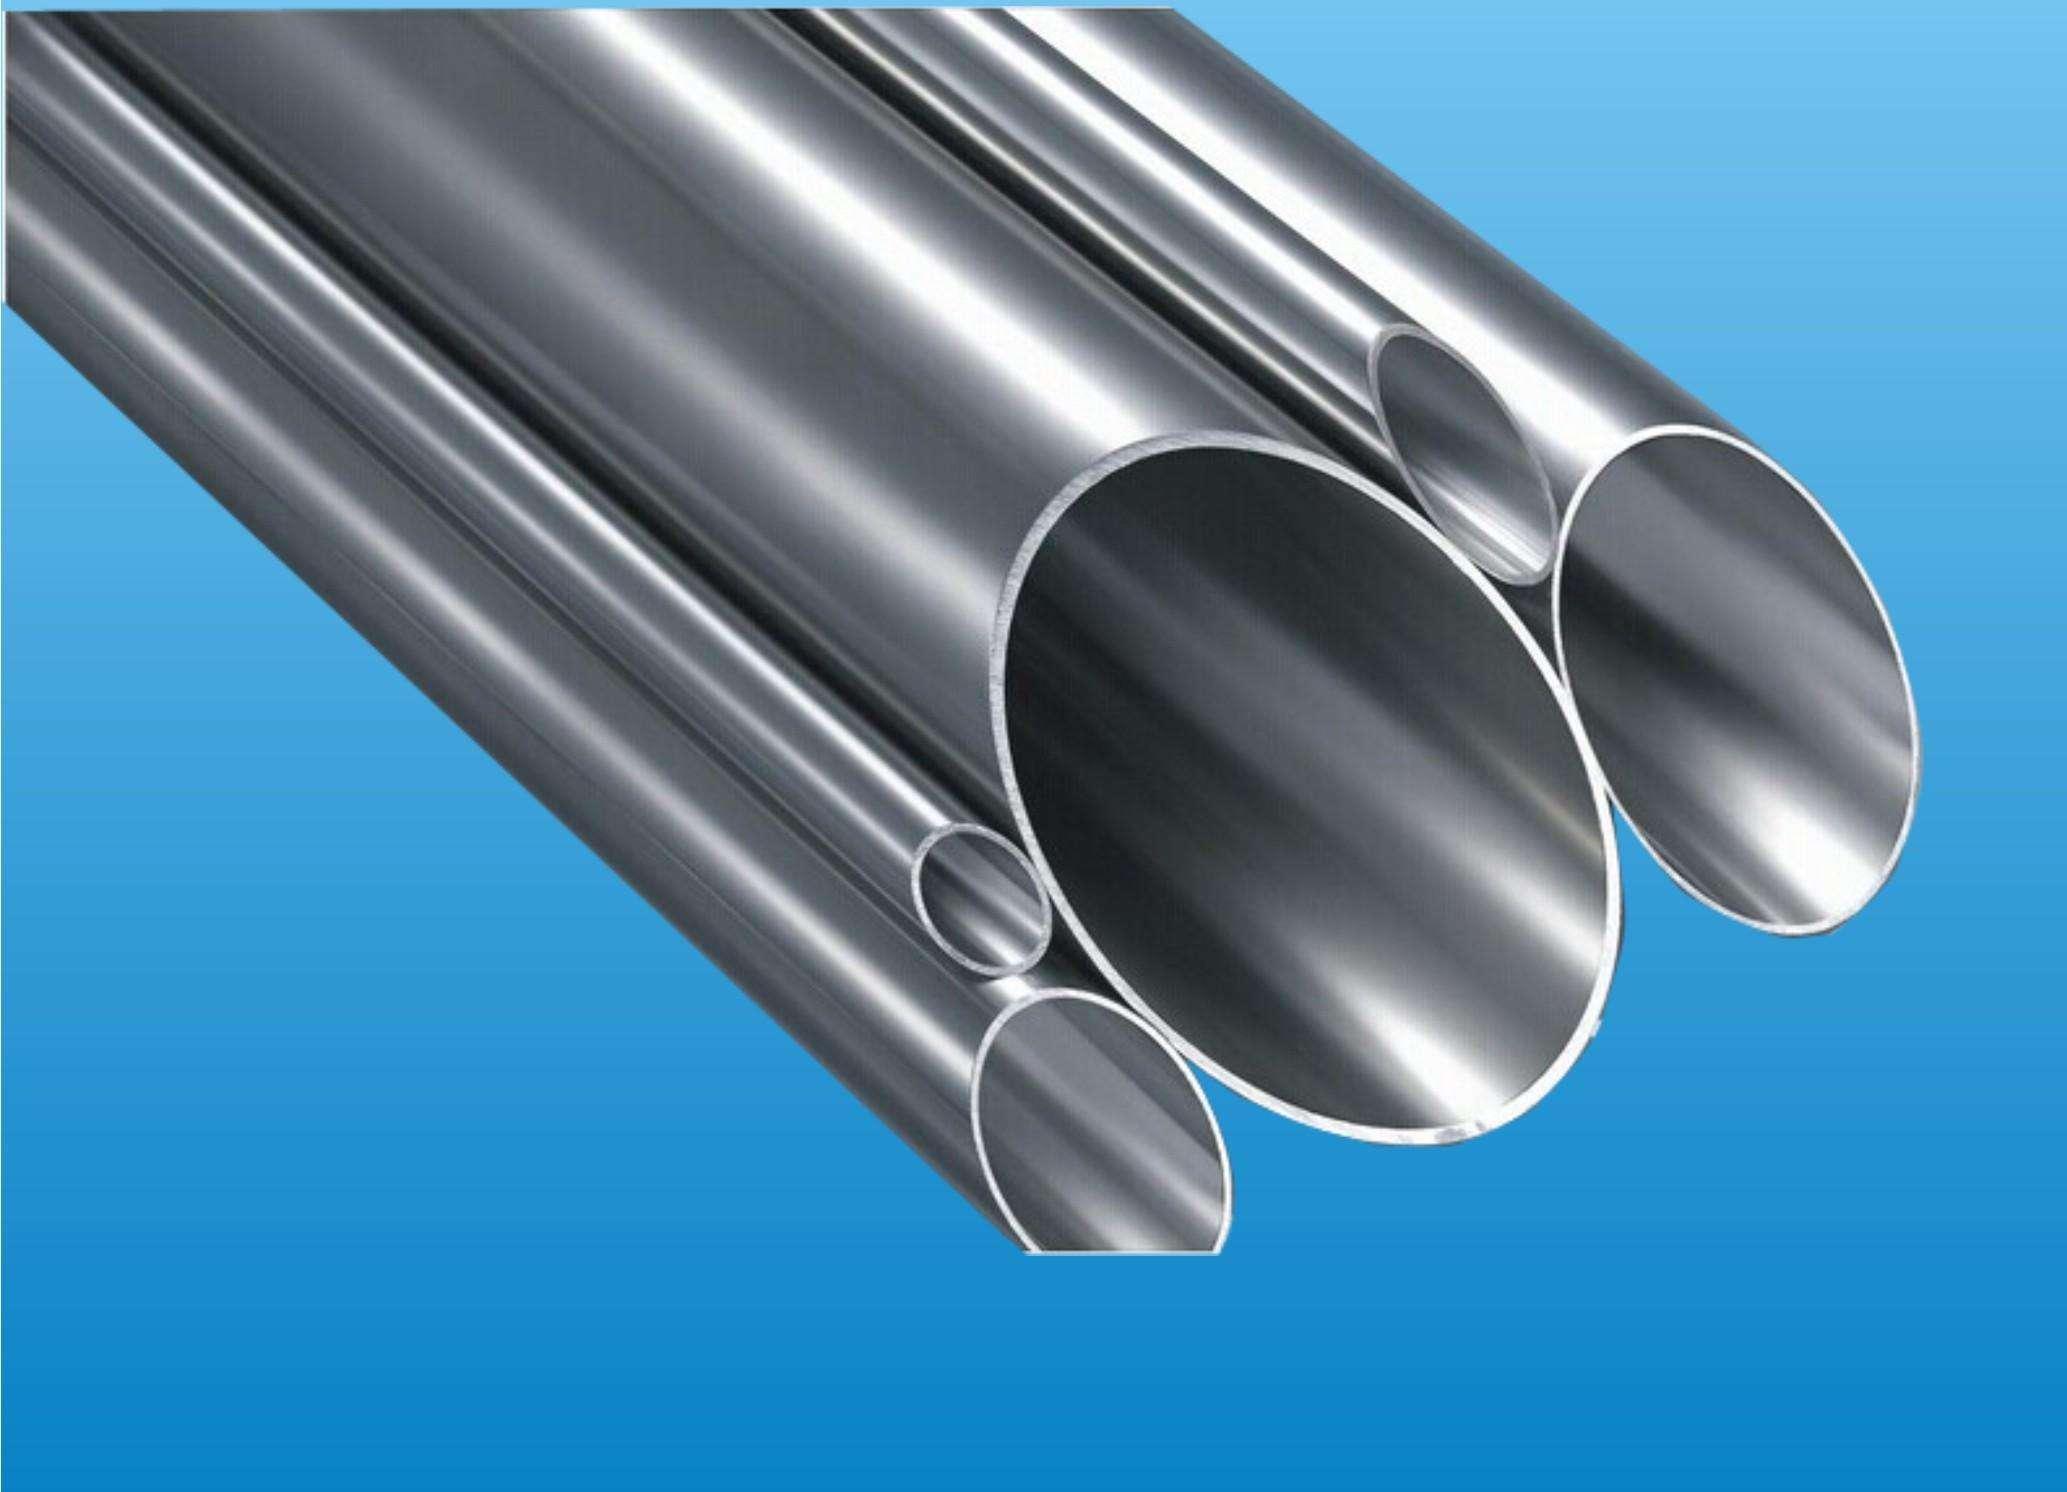 如何選擇一家靠譜的不銹鋼水管品牌?秦西盟幫您揭秘